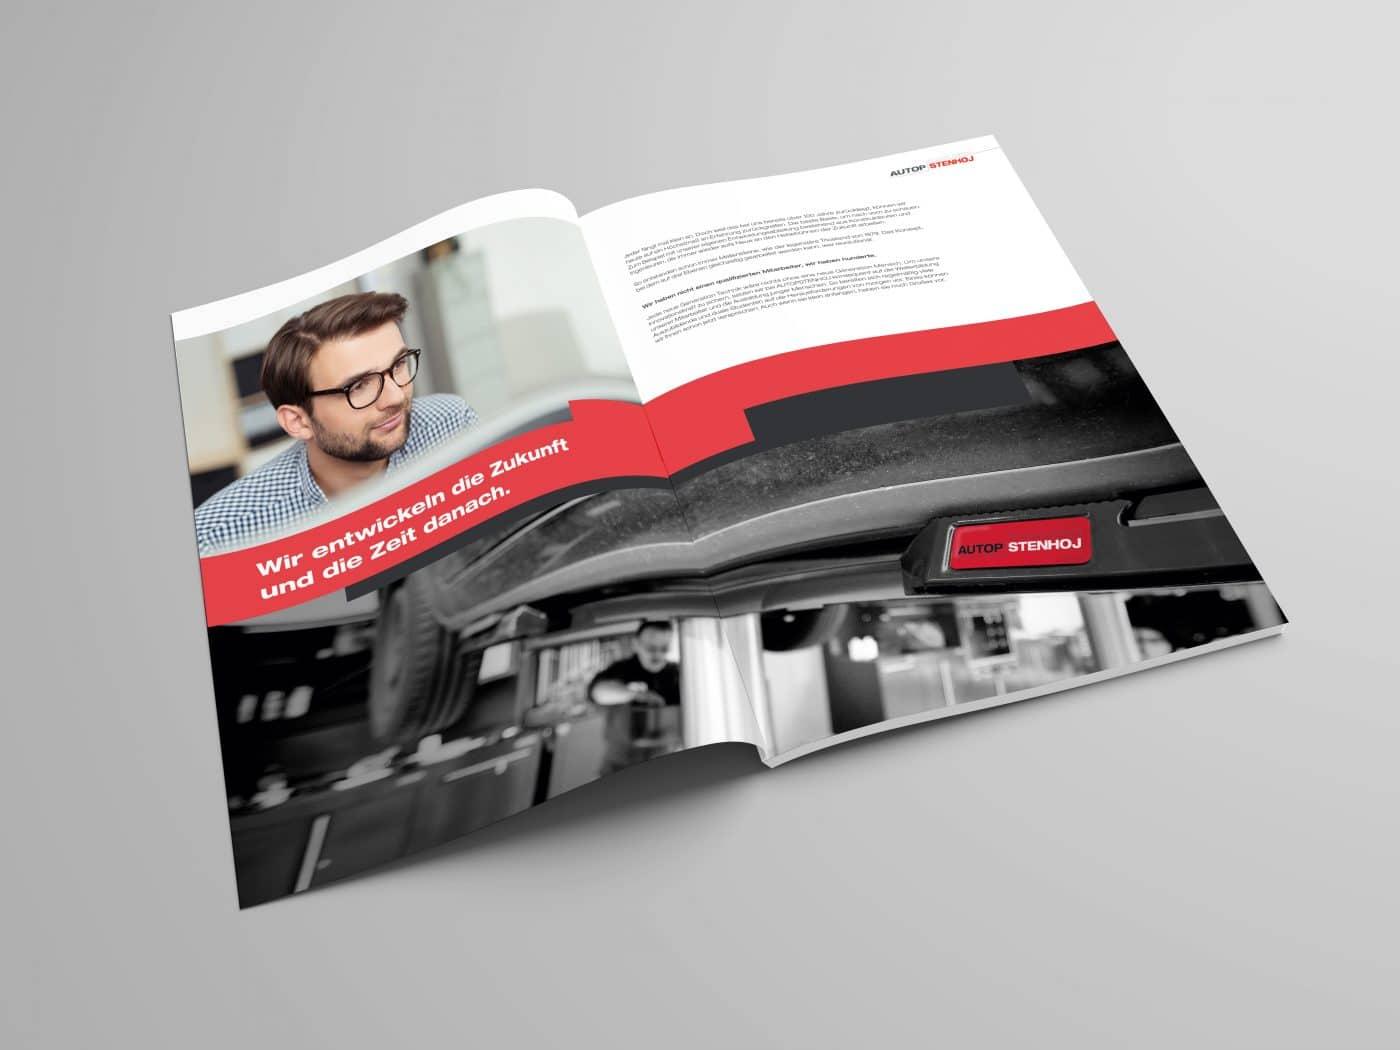 autop broschuere 3 - Eine Marke auf dem Weg nach oben – Corporate Design, Grafikdesign, Kommunikationsdesign, Branding, Markenentwicklung, Editorial Design